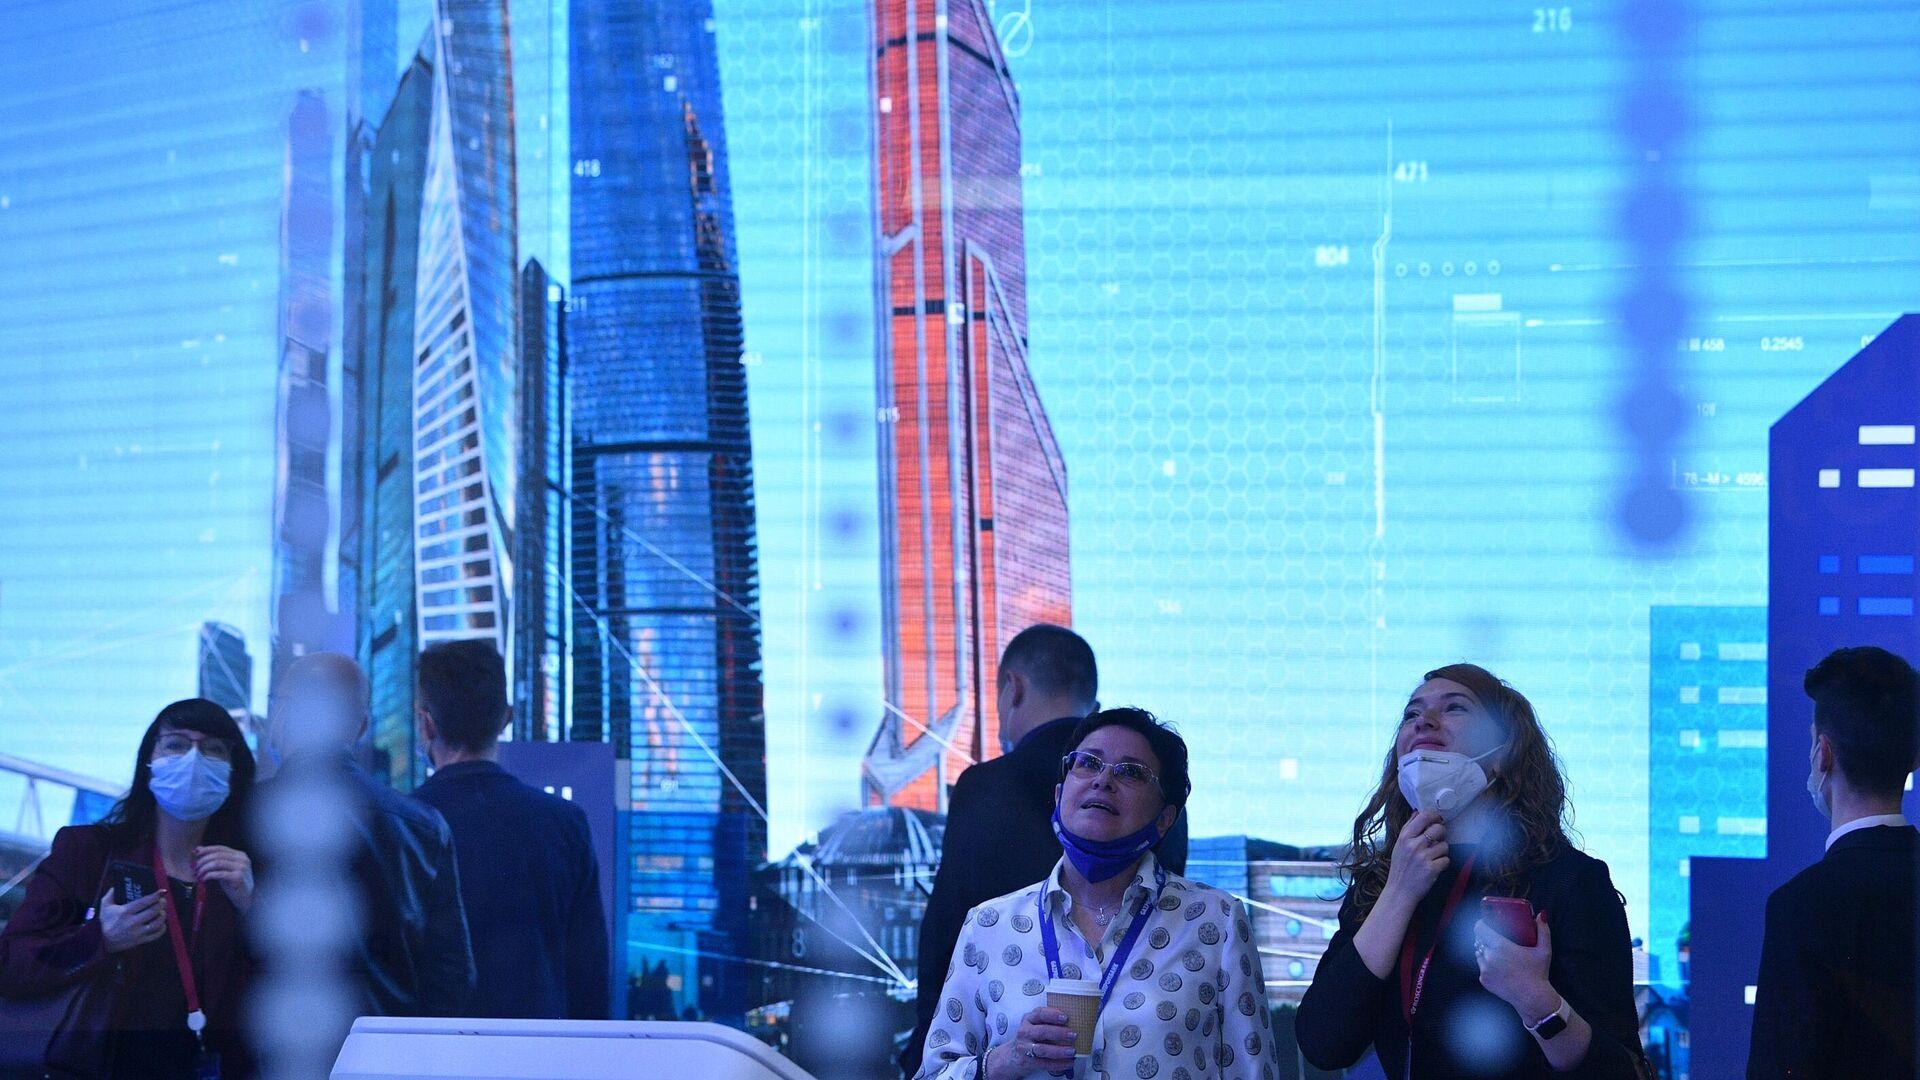 Участники Петербургского международного экономического форума - 2021 в конгрессно-выставочном центре Экспофорум - РИА Новости, 1920, 02.06.2021